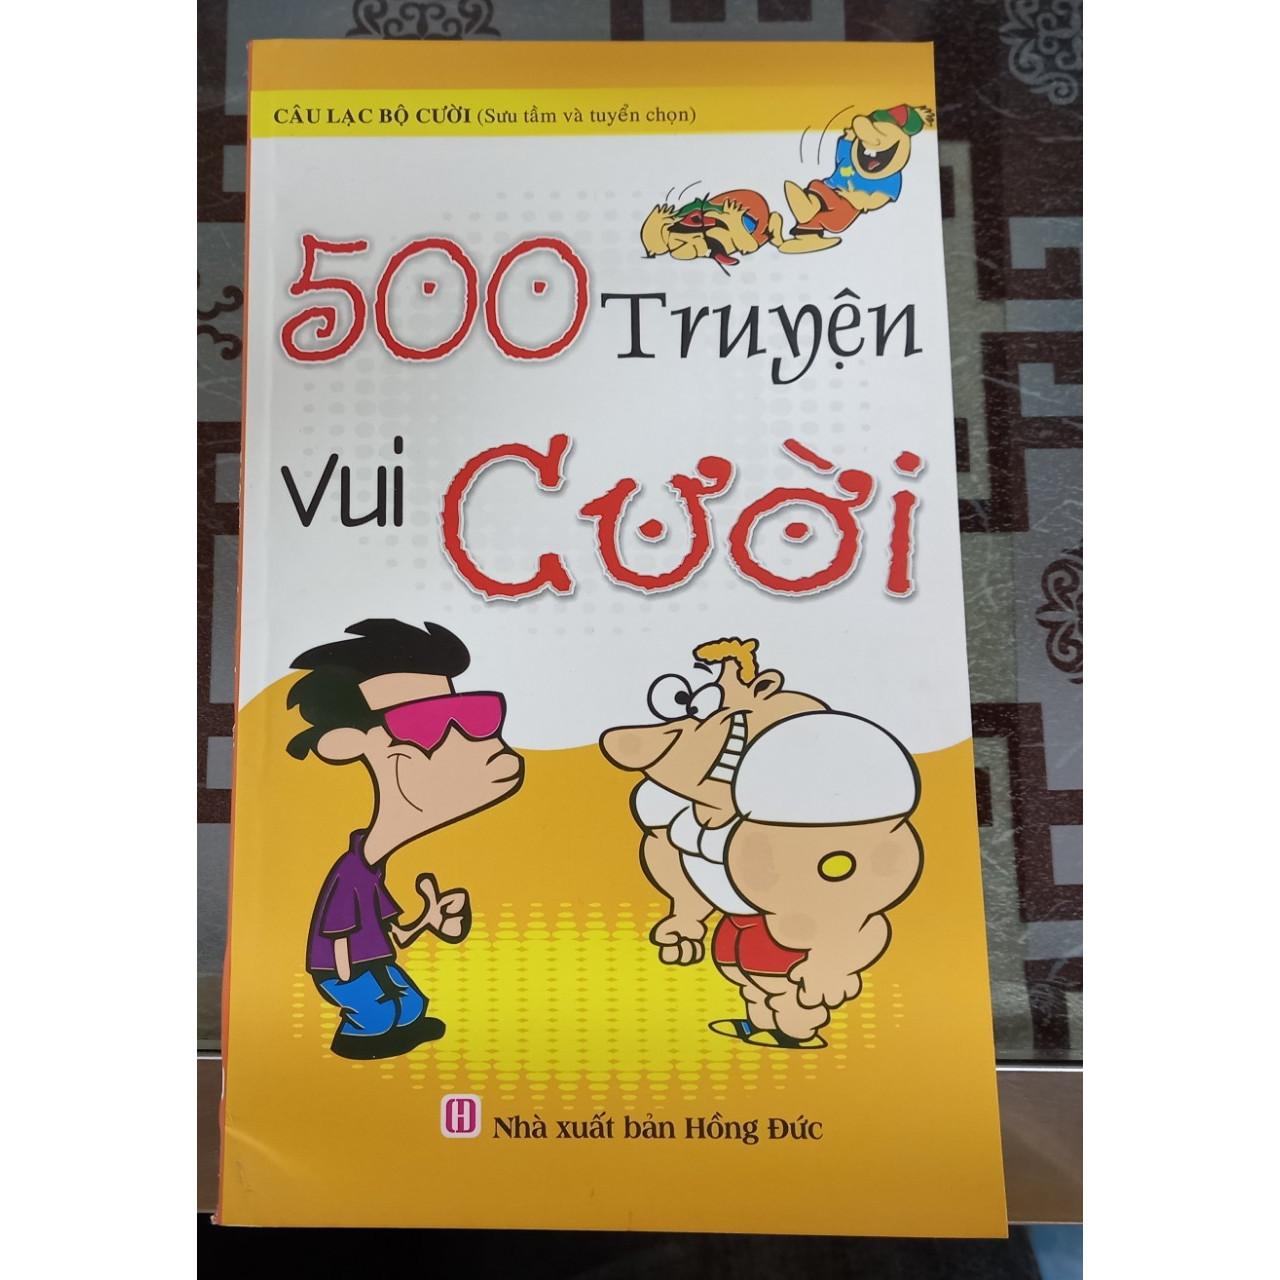 500 truyện vui cười